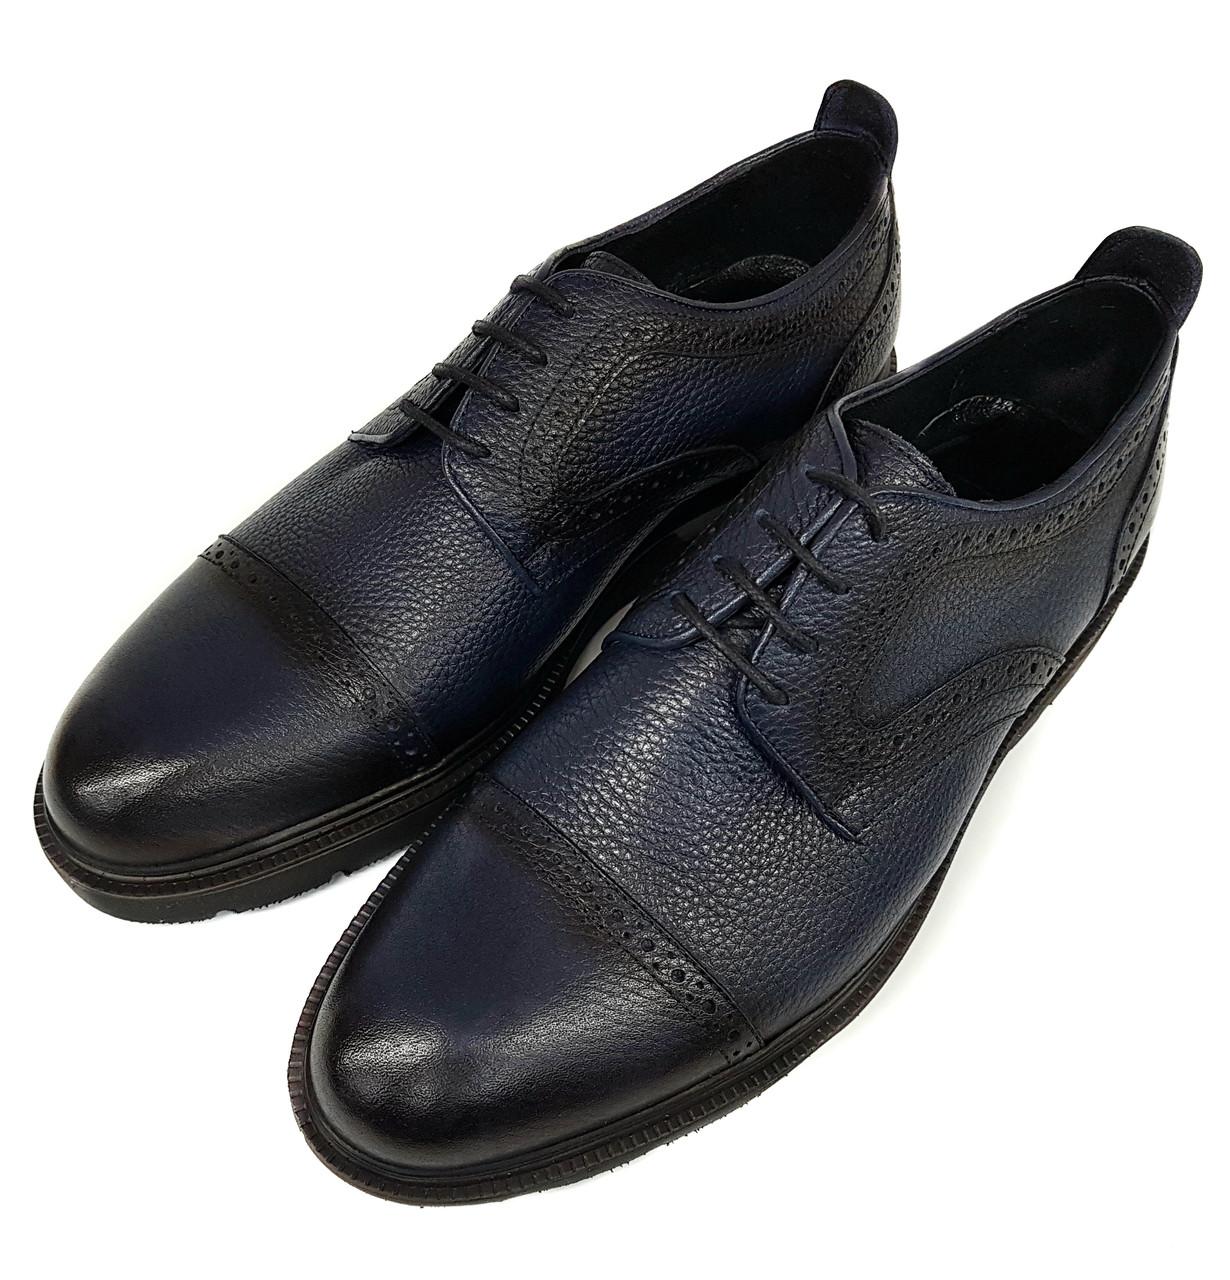 Мужские кожаные туфли без каблука Luciano Bellini синие